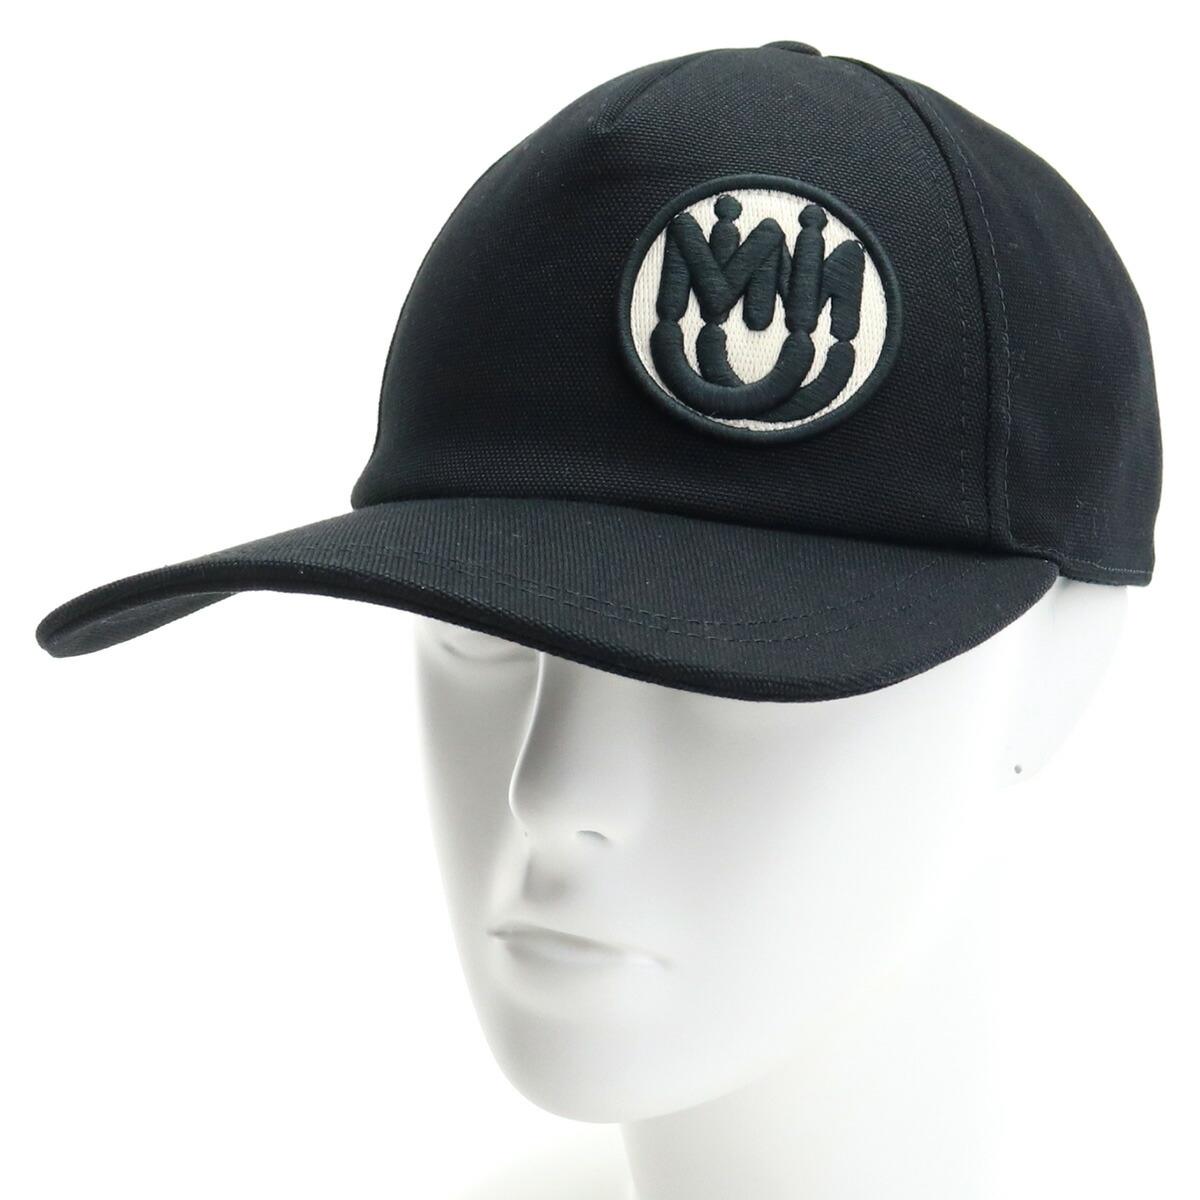 ミュウミュウ MIUMIU  レディース-帽子類 ブランド帽子 ブランドキャップ 5HC204 2D8I F0002 NERO ブラック bos-32 cap-01